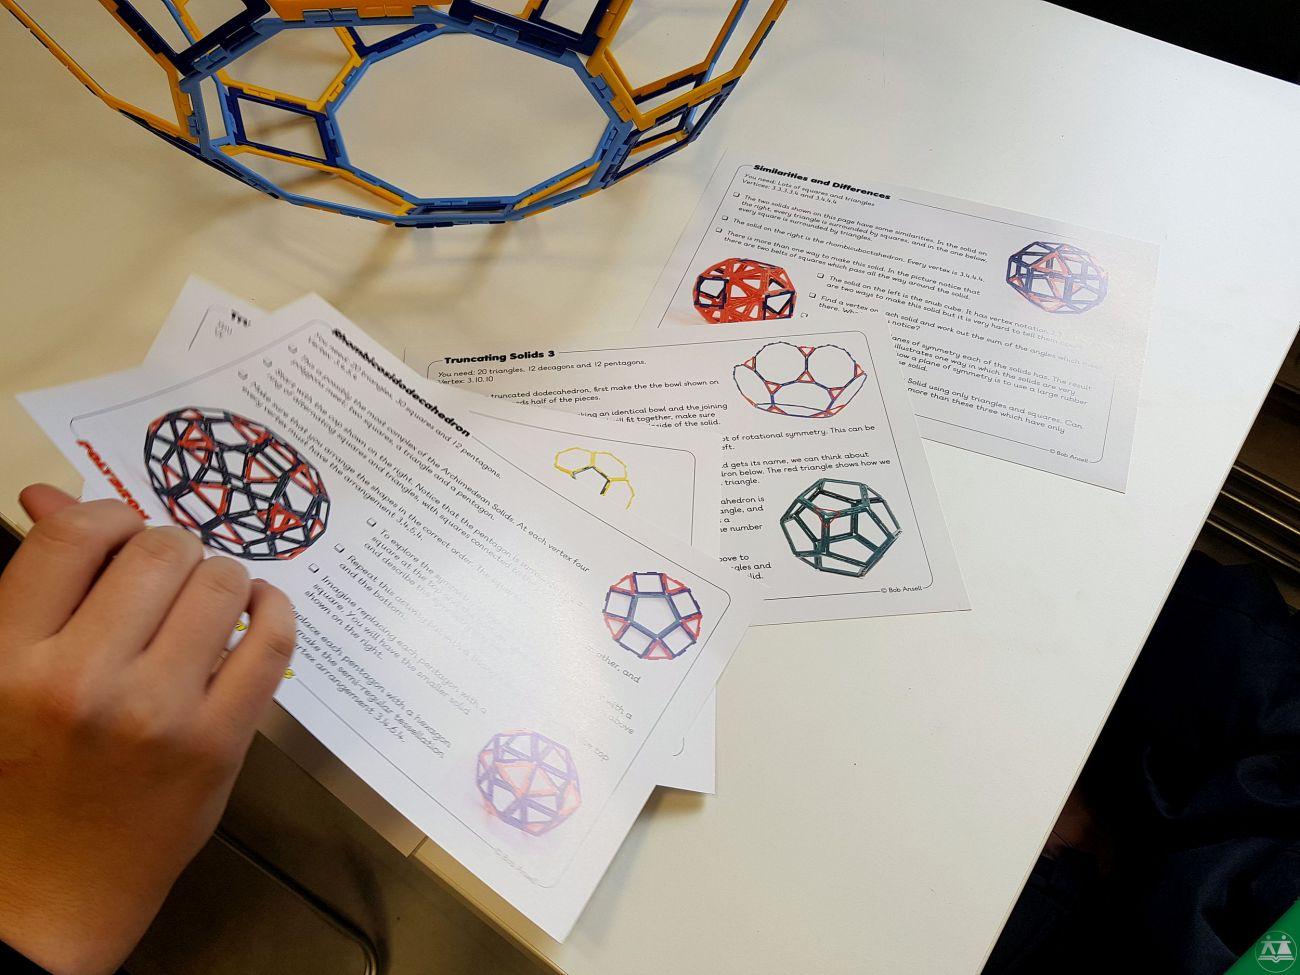 Hisa-poliedrov-drzavni-zbor-hisa-iluzij-013